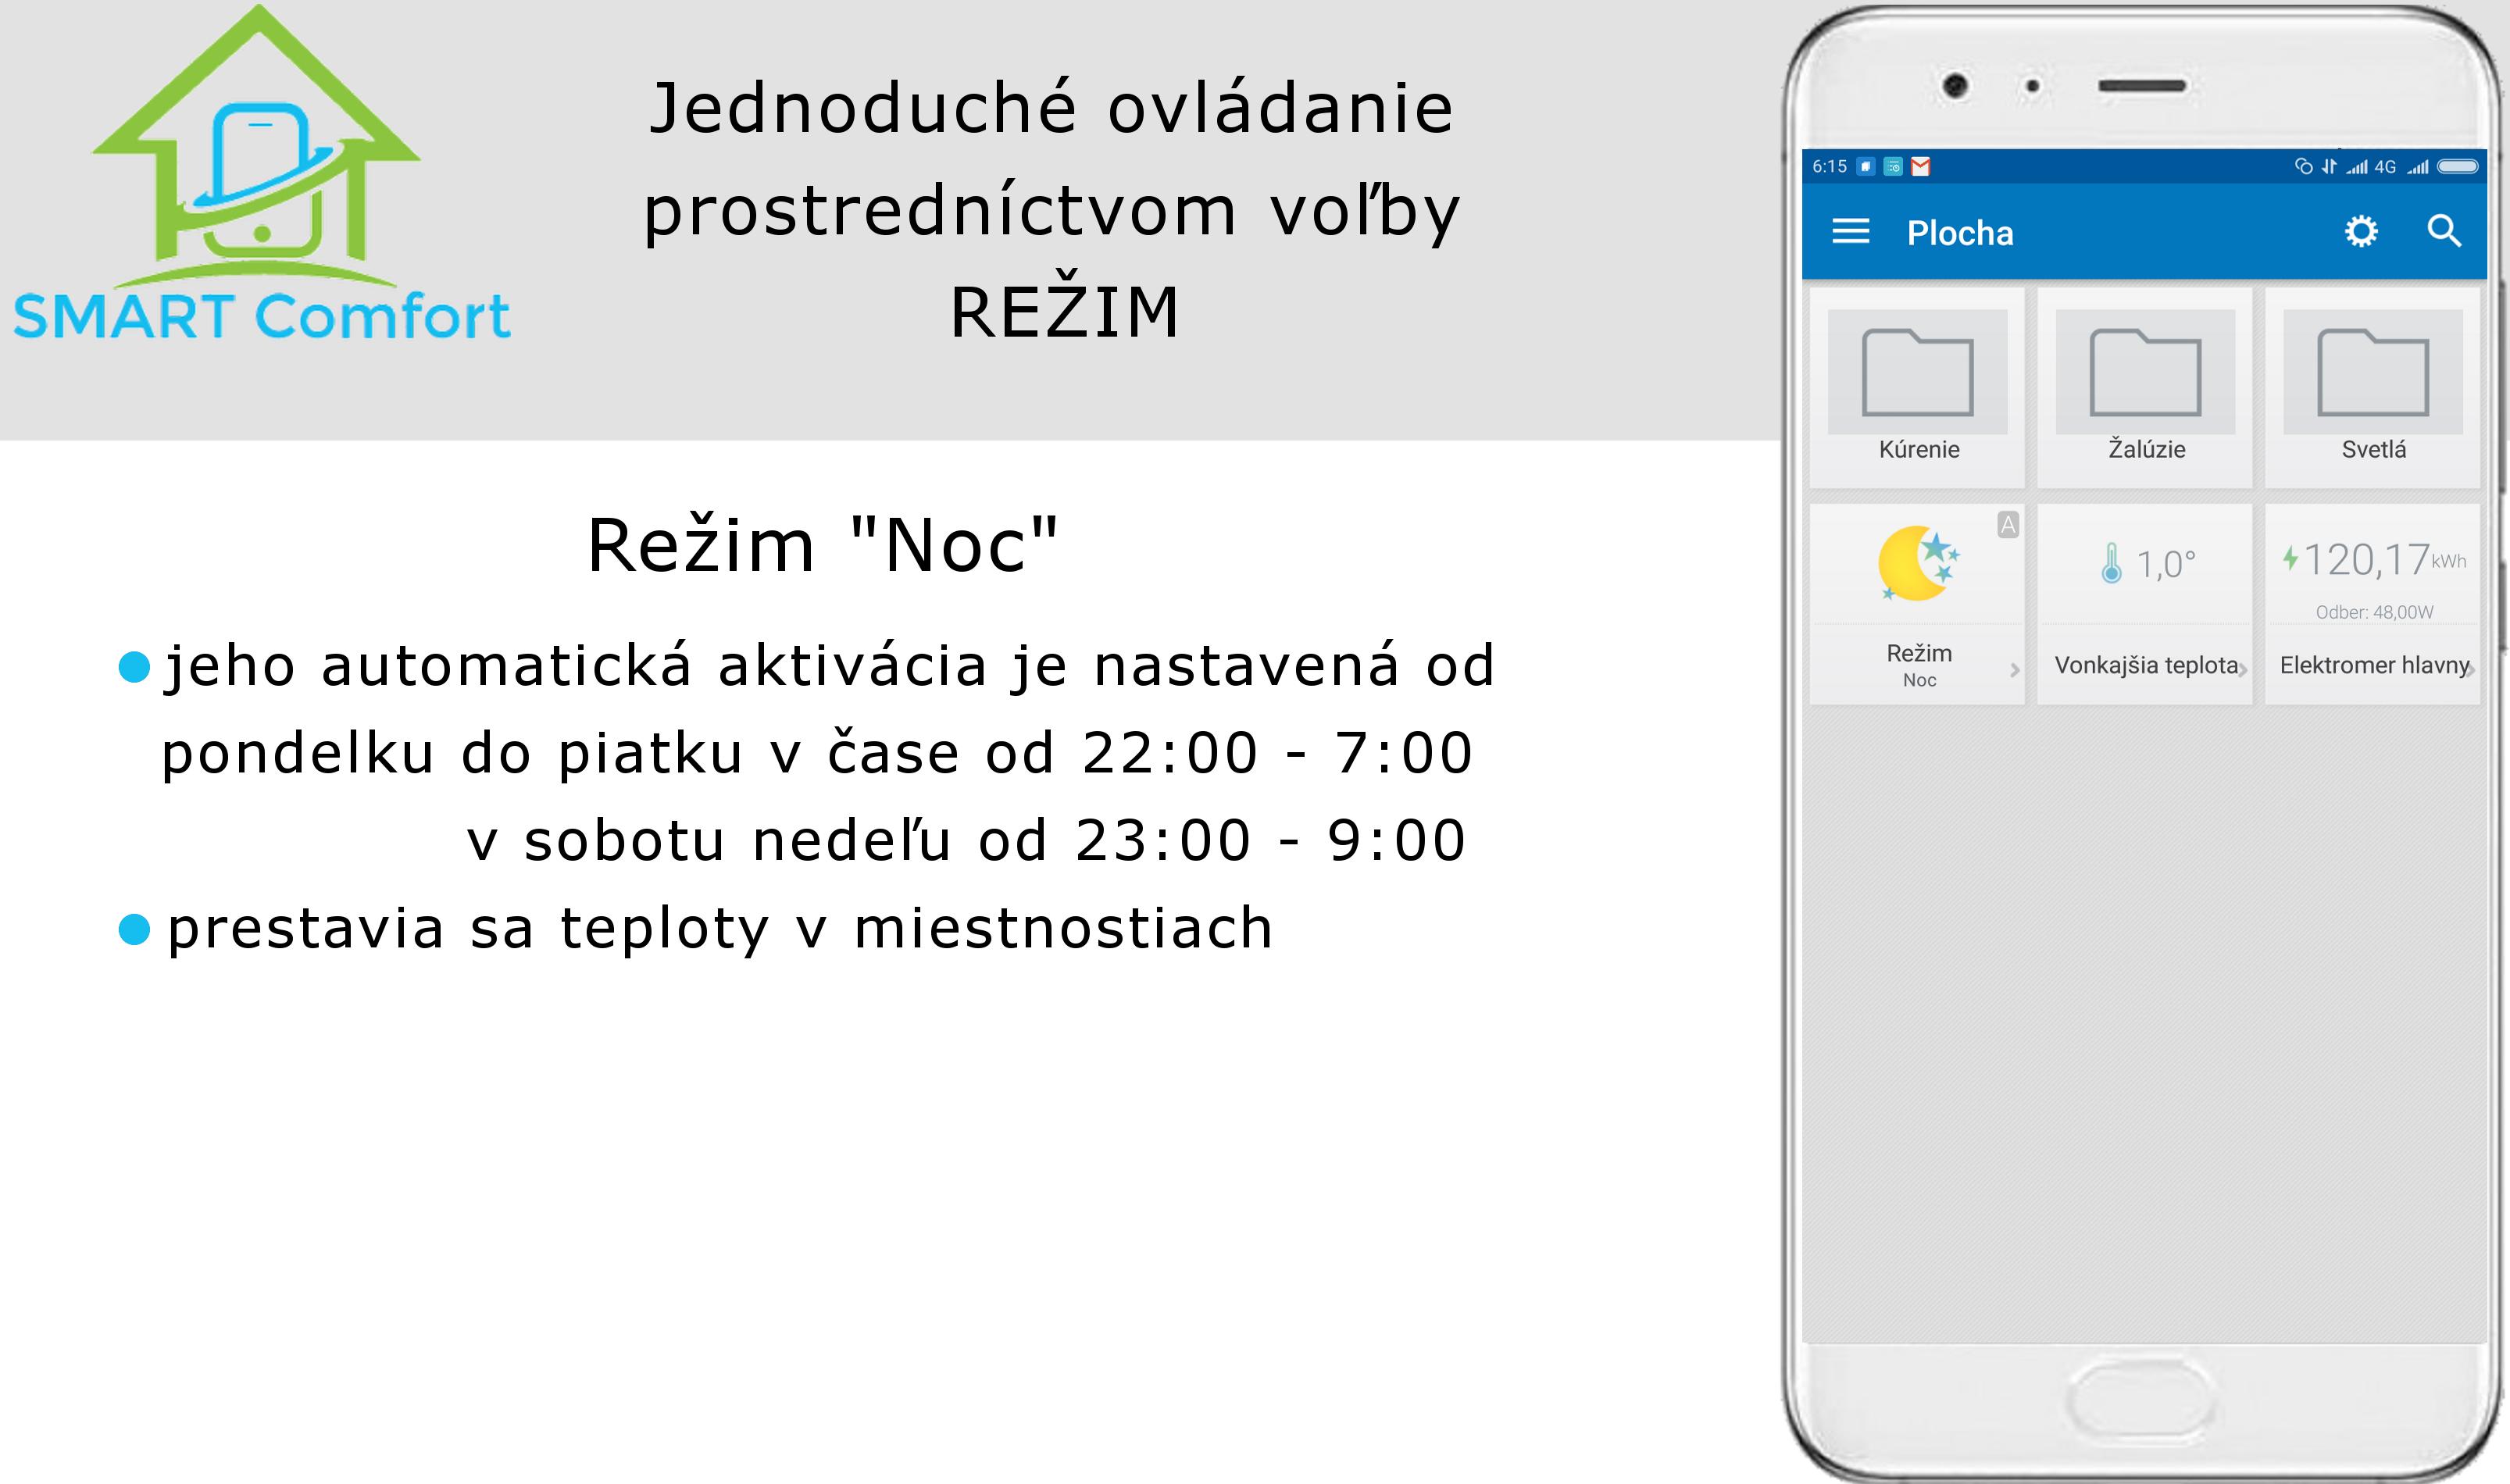 Rezim_noc v02_TapHome_ovládanie z mobilu